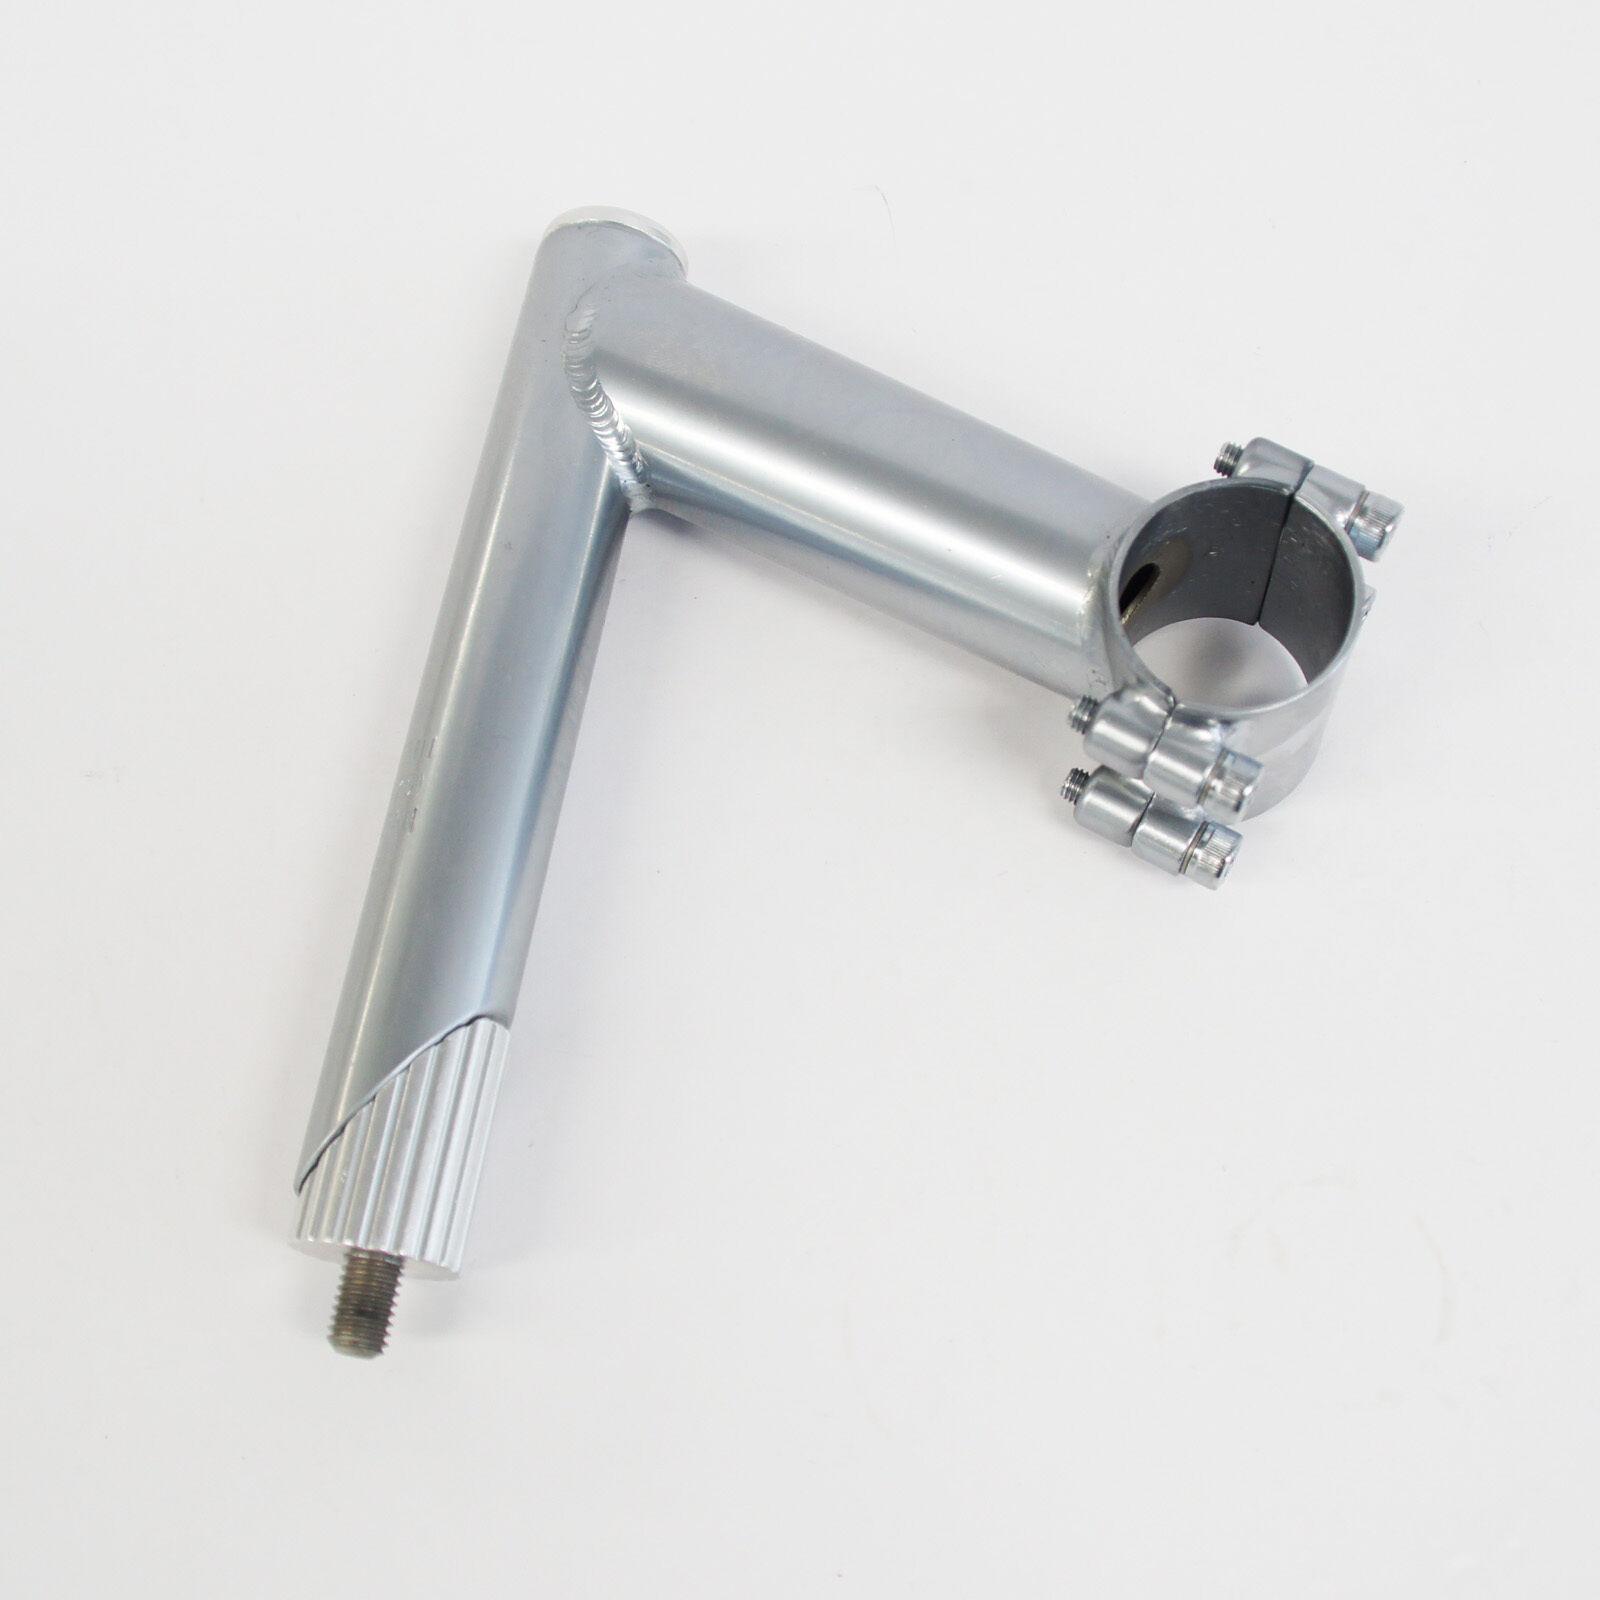 NITTO UI-12 Quill Stem 120mm (UI-12-120) 847482